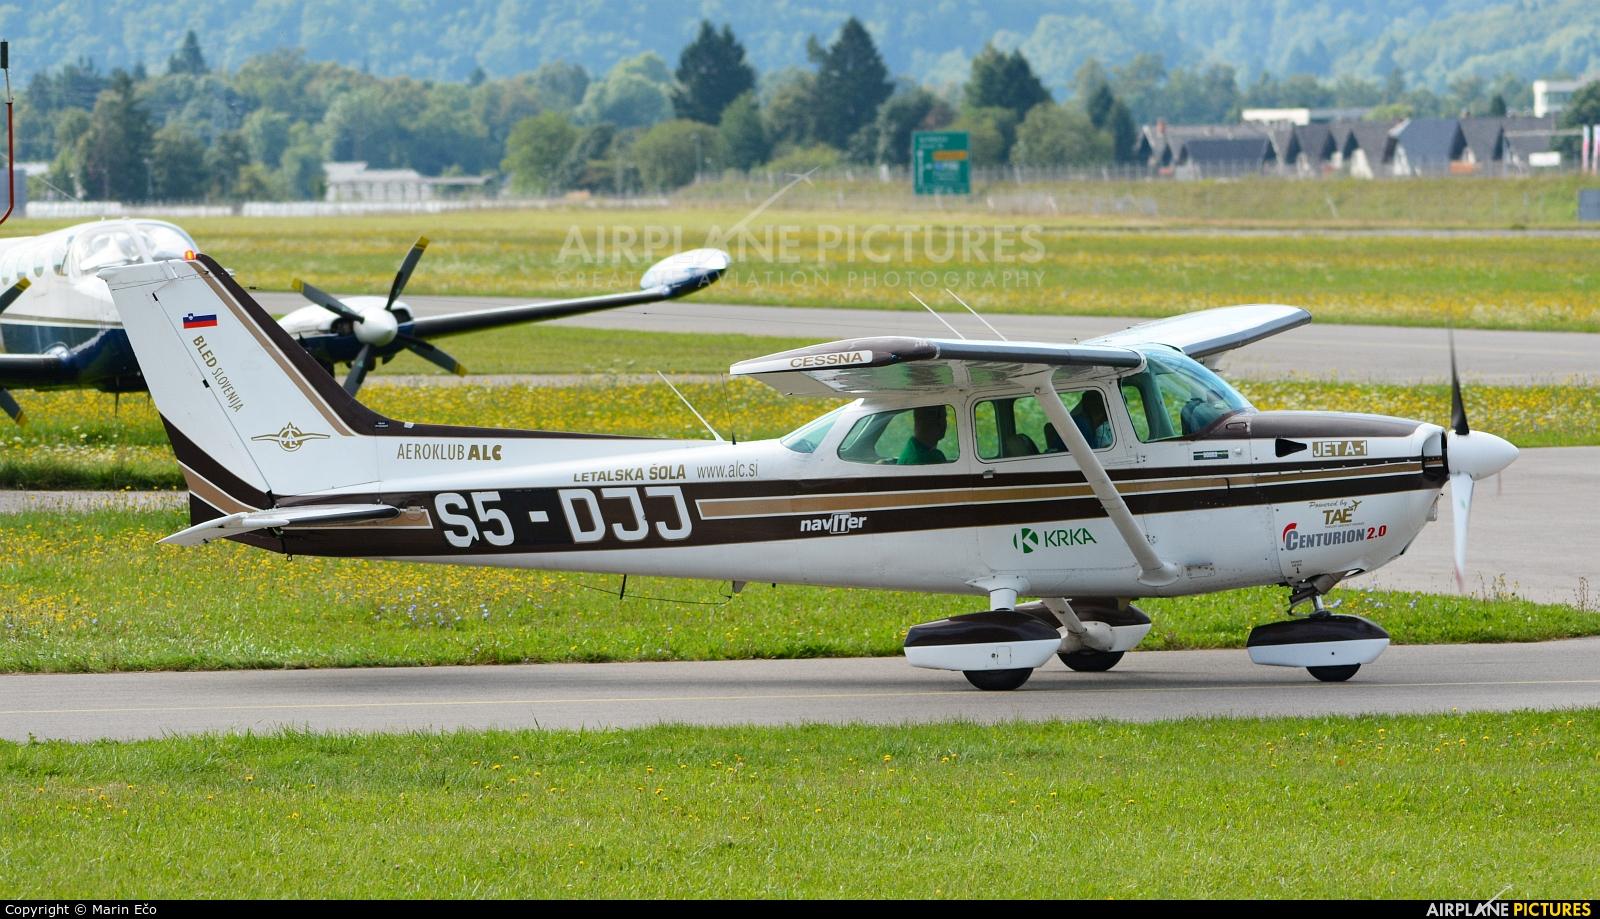 Aeroklub ALC Lesce S5-DJJ aircraft at Lesce-Bled